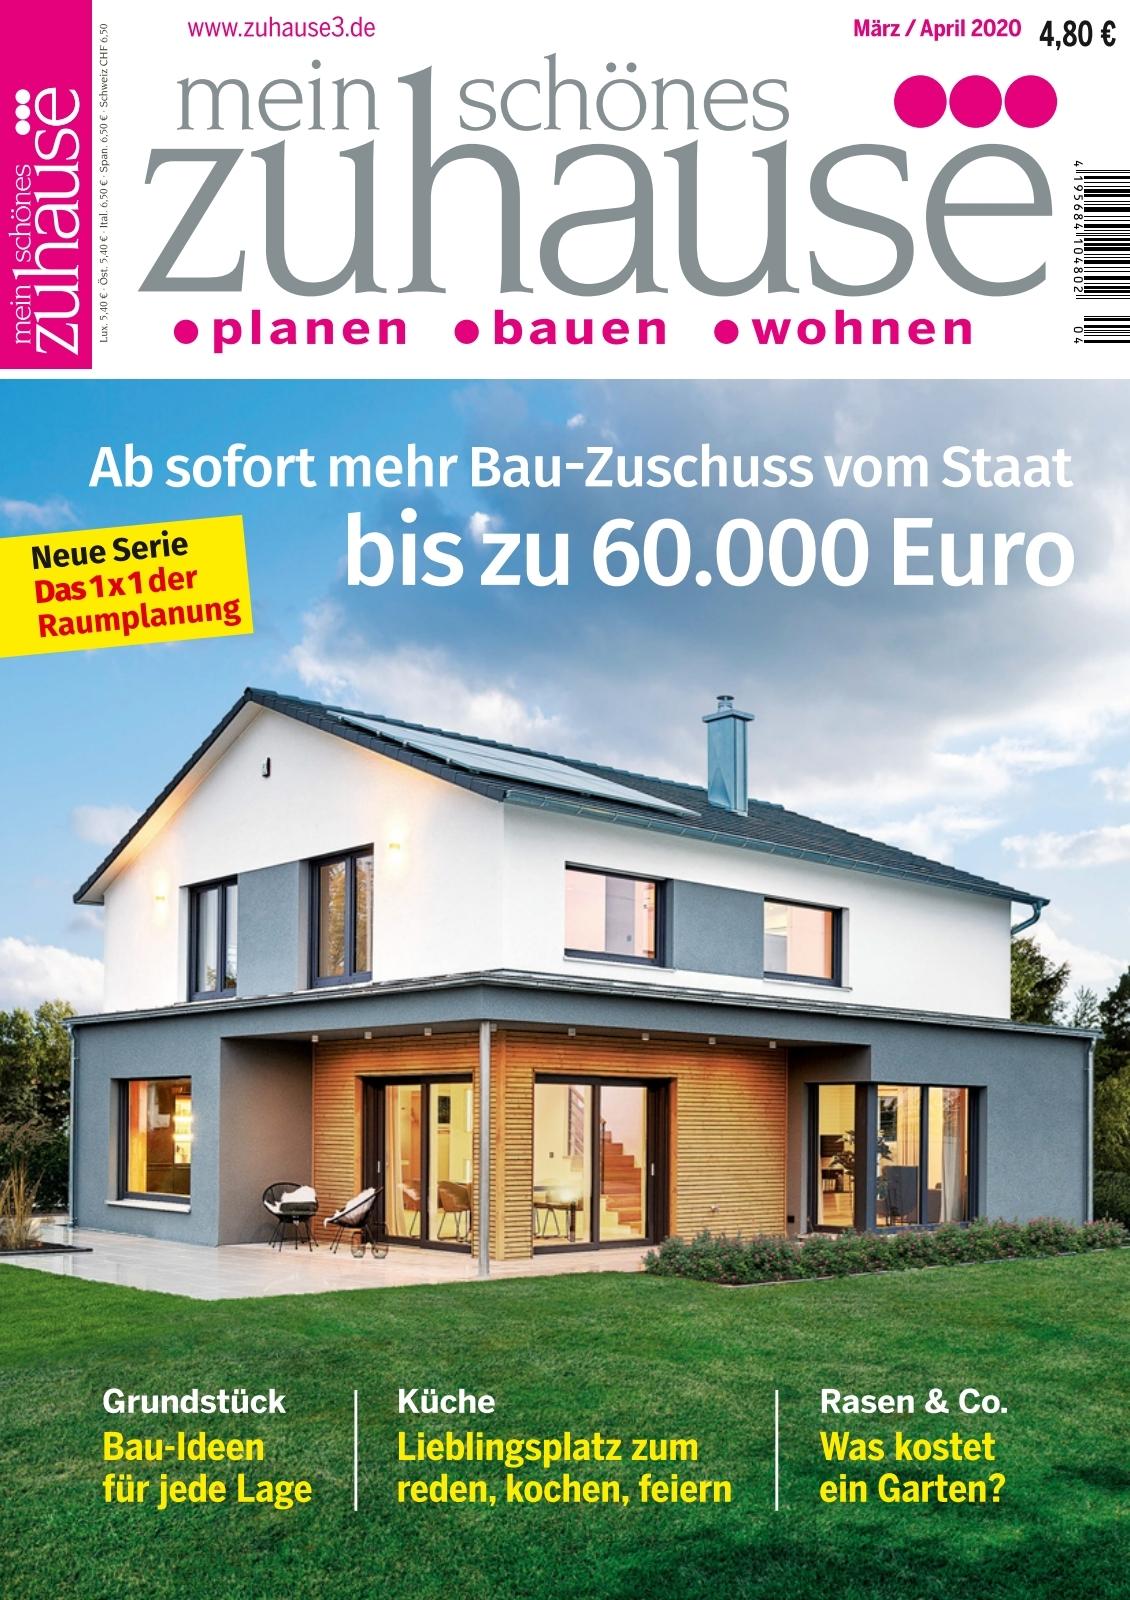 Full Size of Ausgabe 03 04 2020 Bauhaus Fenster Spüle Küche Wohnzimmer Stöpsel Spüle Bauhaus